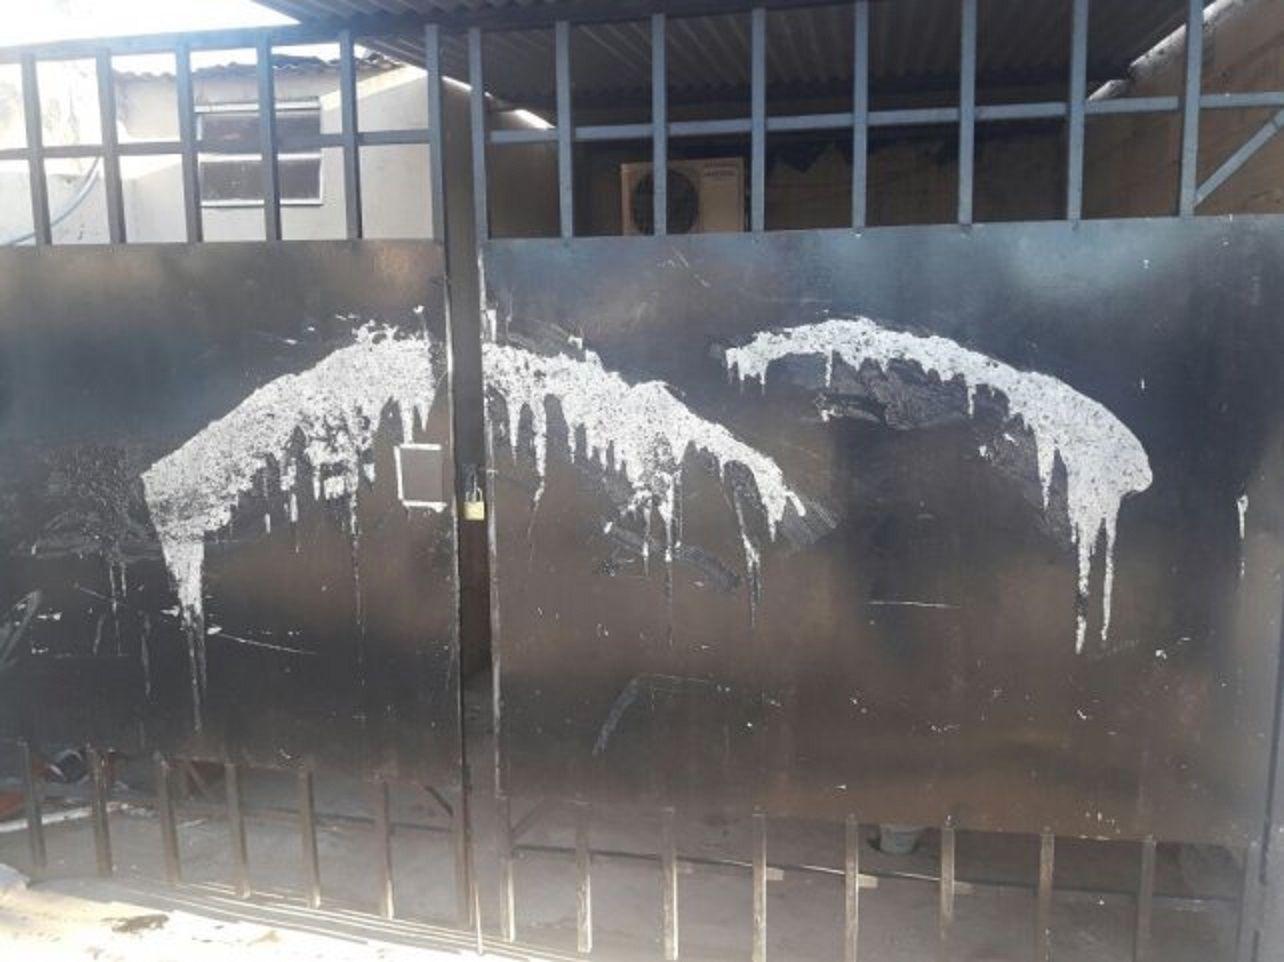 Su ex pareja le arrojado ácido al portón de su casa.